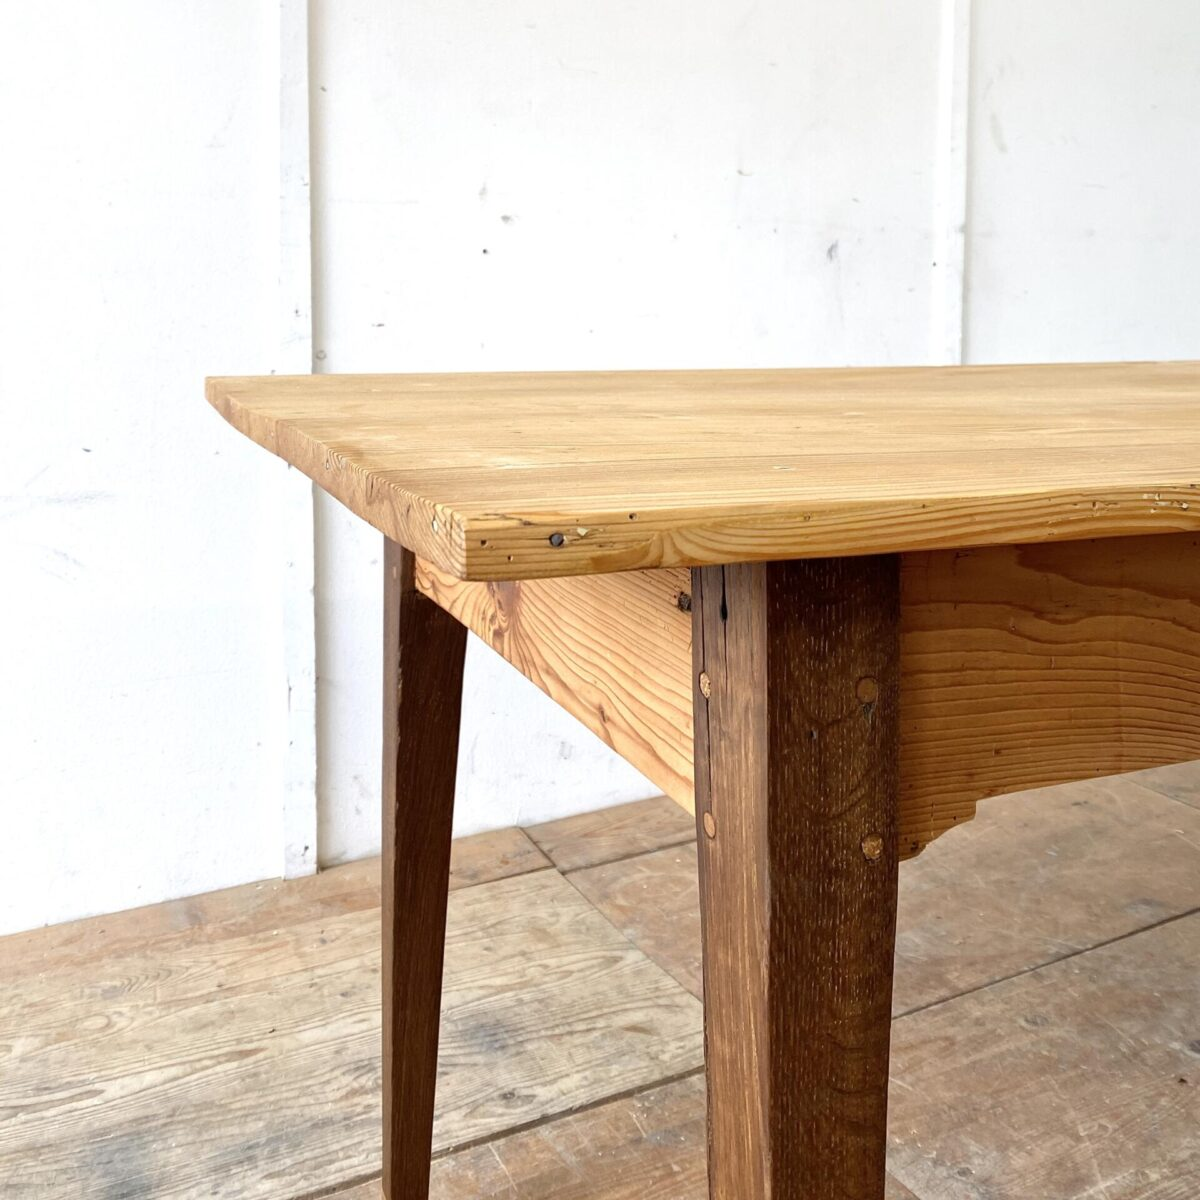 Deuxieme.shop antiker Holztisch designklassiker. Alter Biedermeiertisch aus Tannenholz. 197x76cm Höhe 75.5cm. Die dunklen Tischbeine sind aus Eichenholz. Um die Beinfreiheit zu gewährleisten, sind die Längszargen leicht ausgenommen, und die Beine bisschen verlängert. Die Holzoberflächen sind geölt.